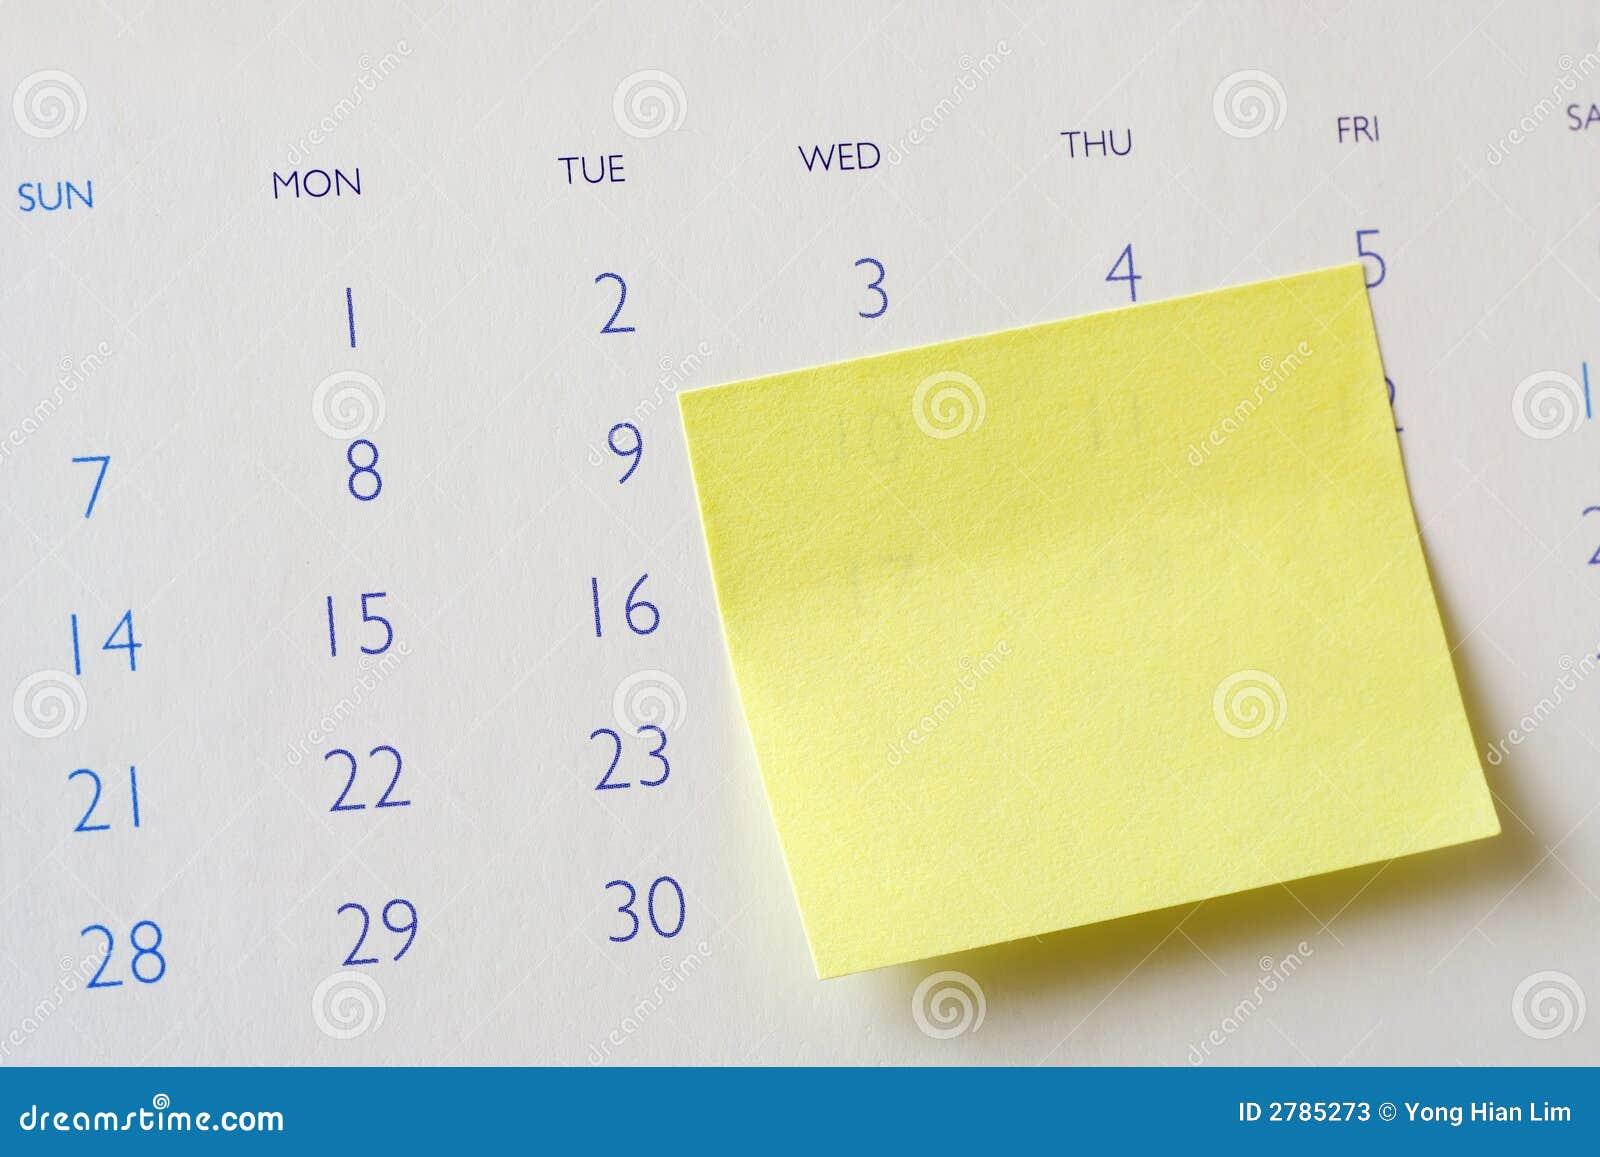 Weekly Calendar Sticky Notes : Sticky note on calendar stock photos image